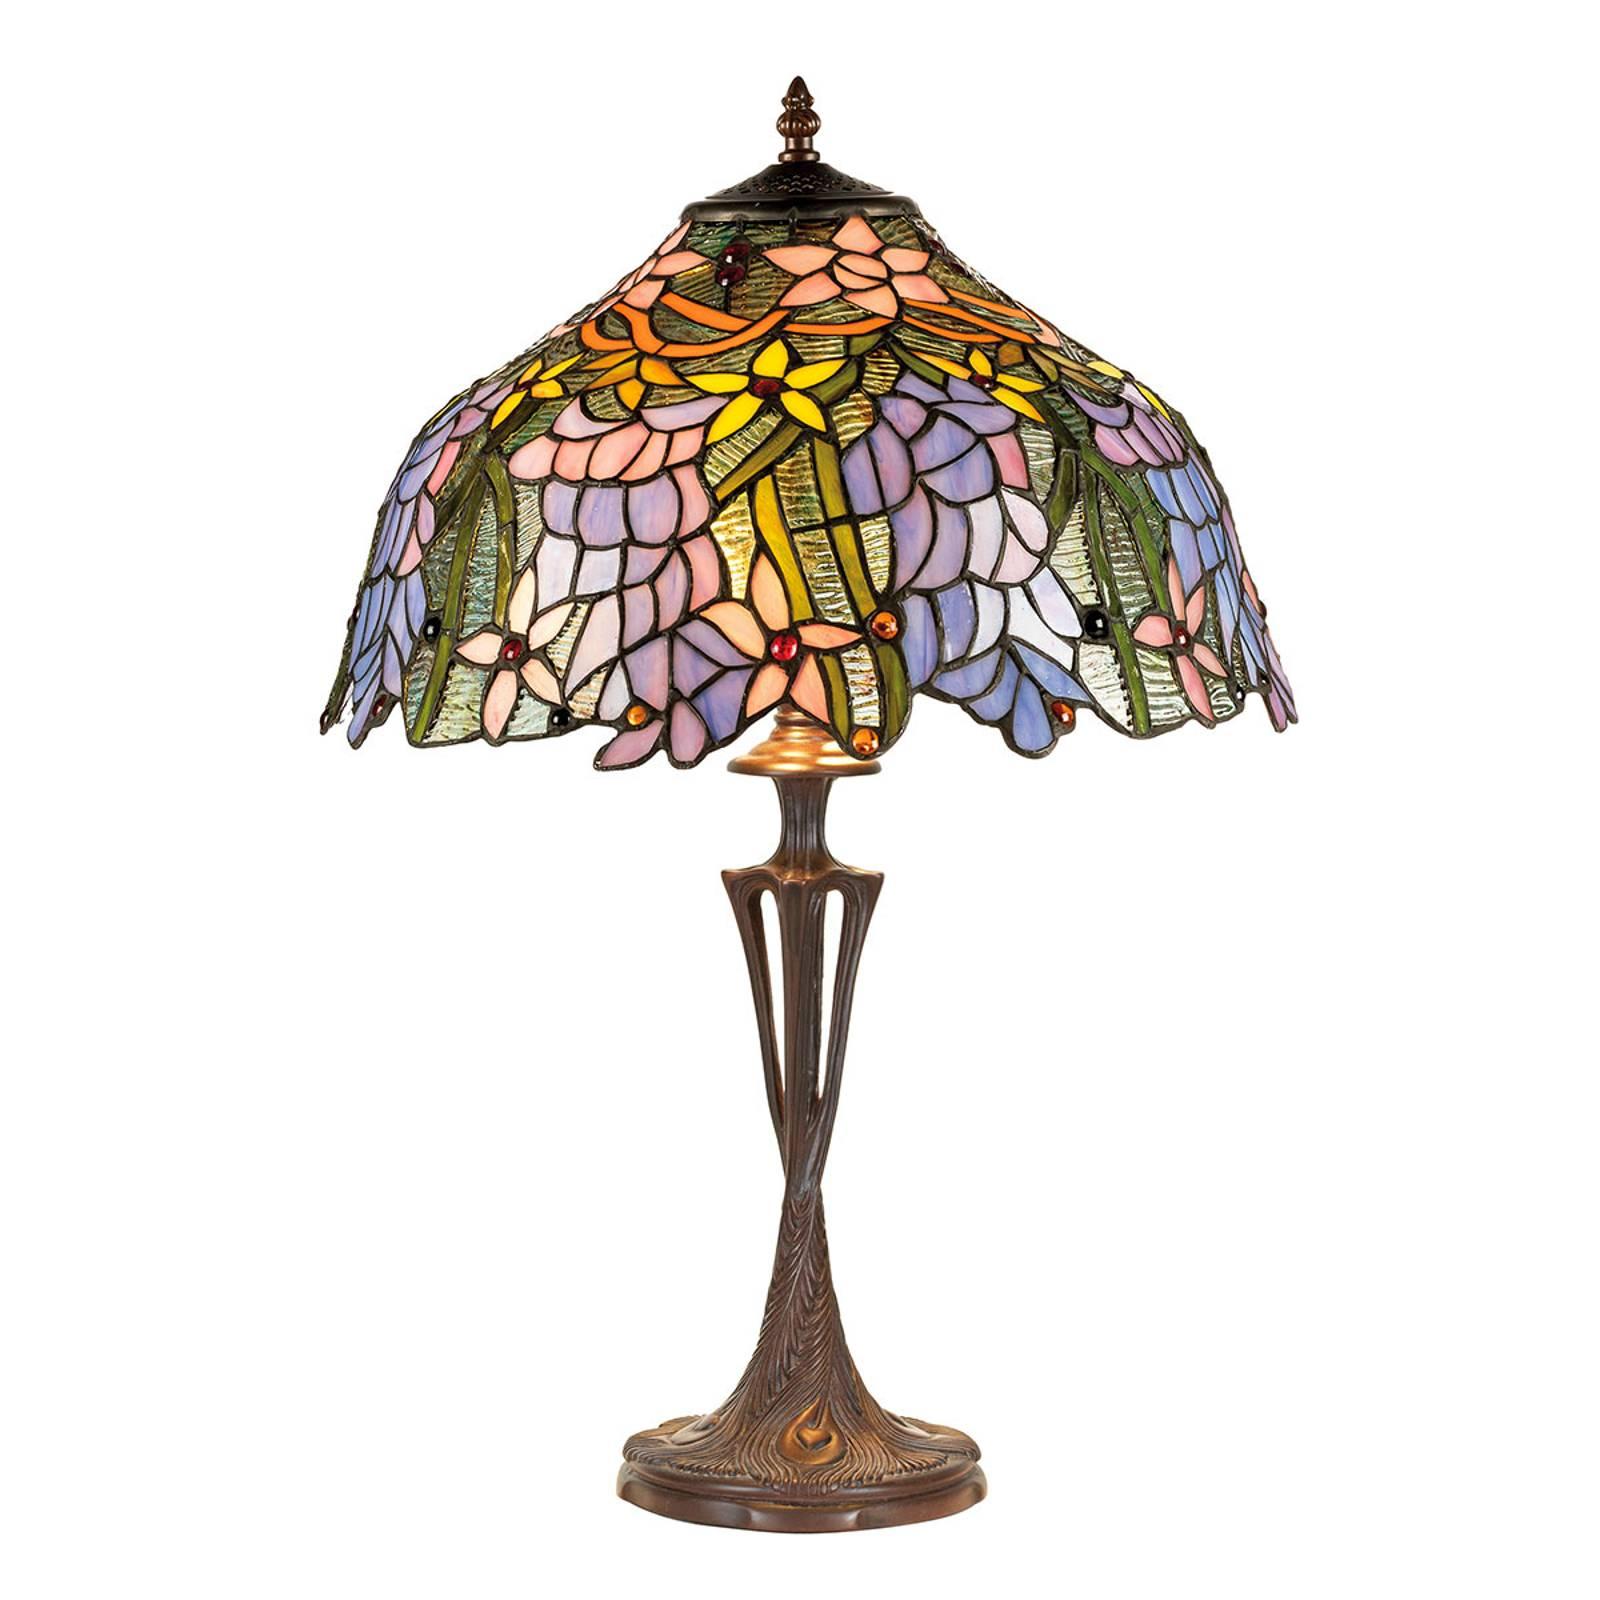 Tafellamp KT1082+PBLM11 in Tiffany-stijl